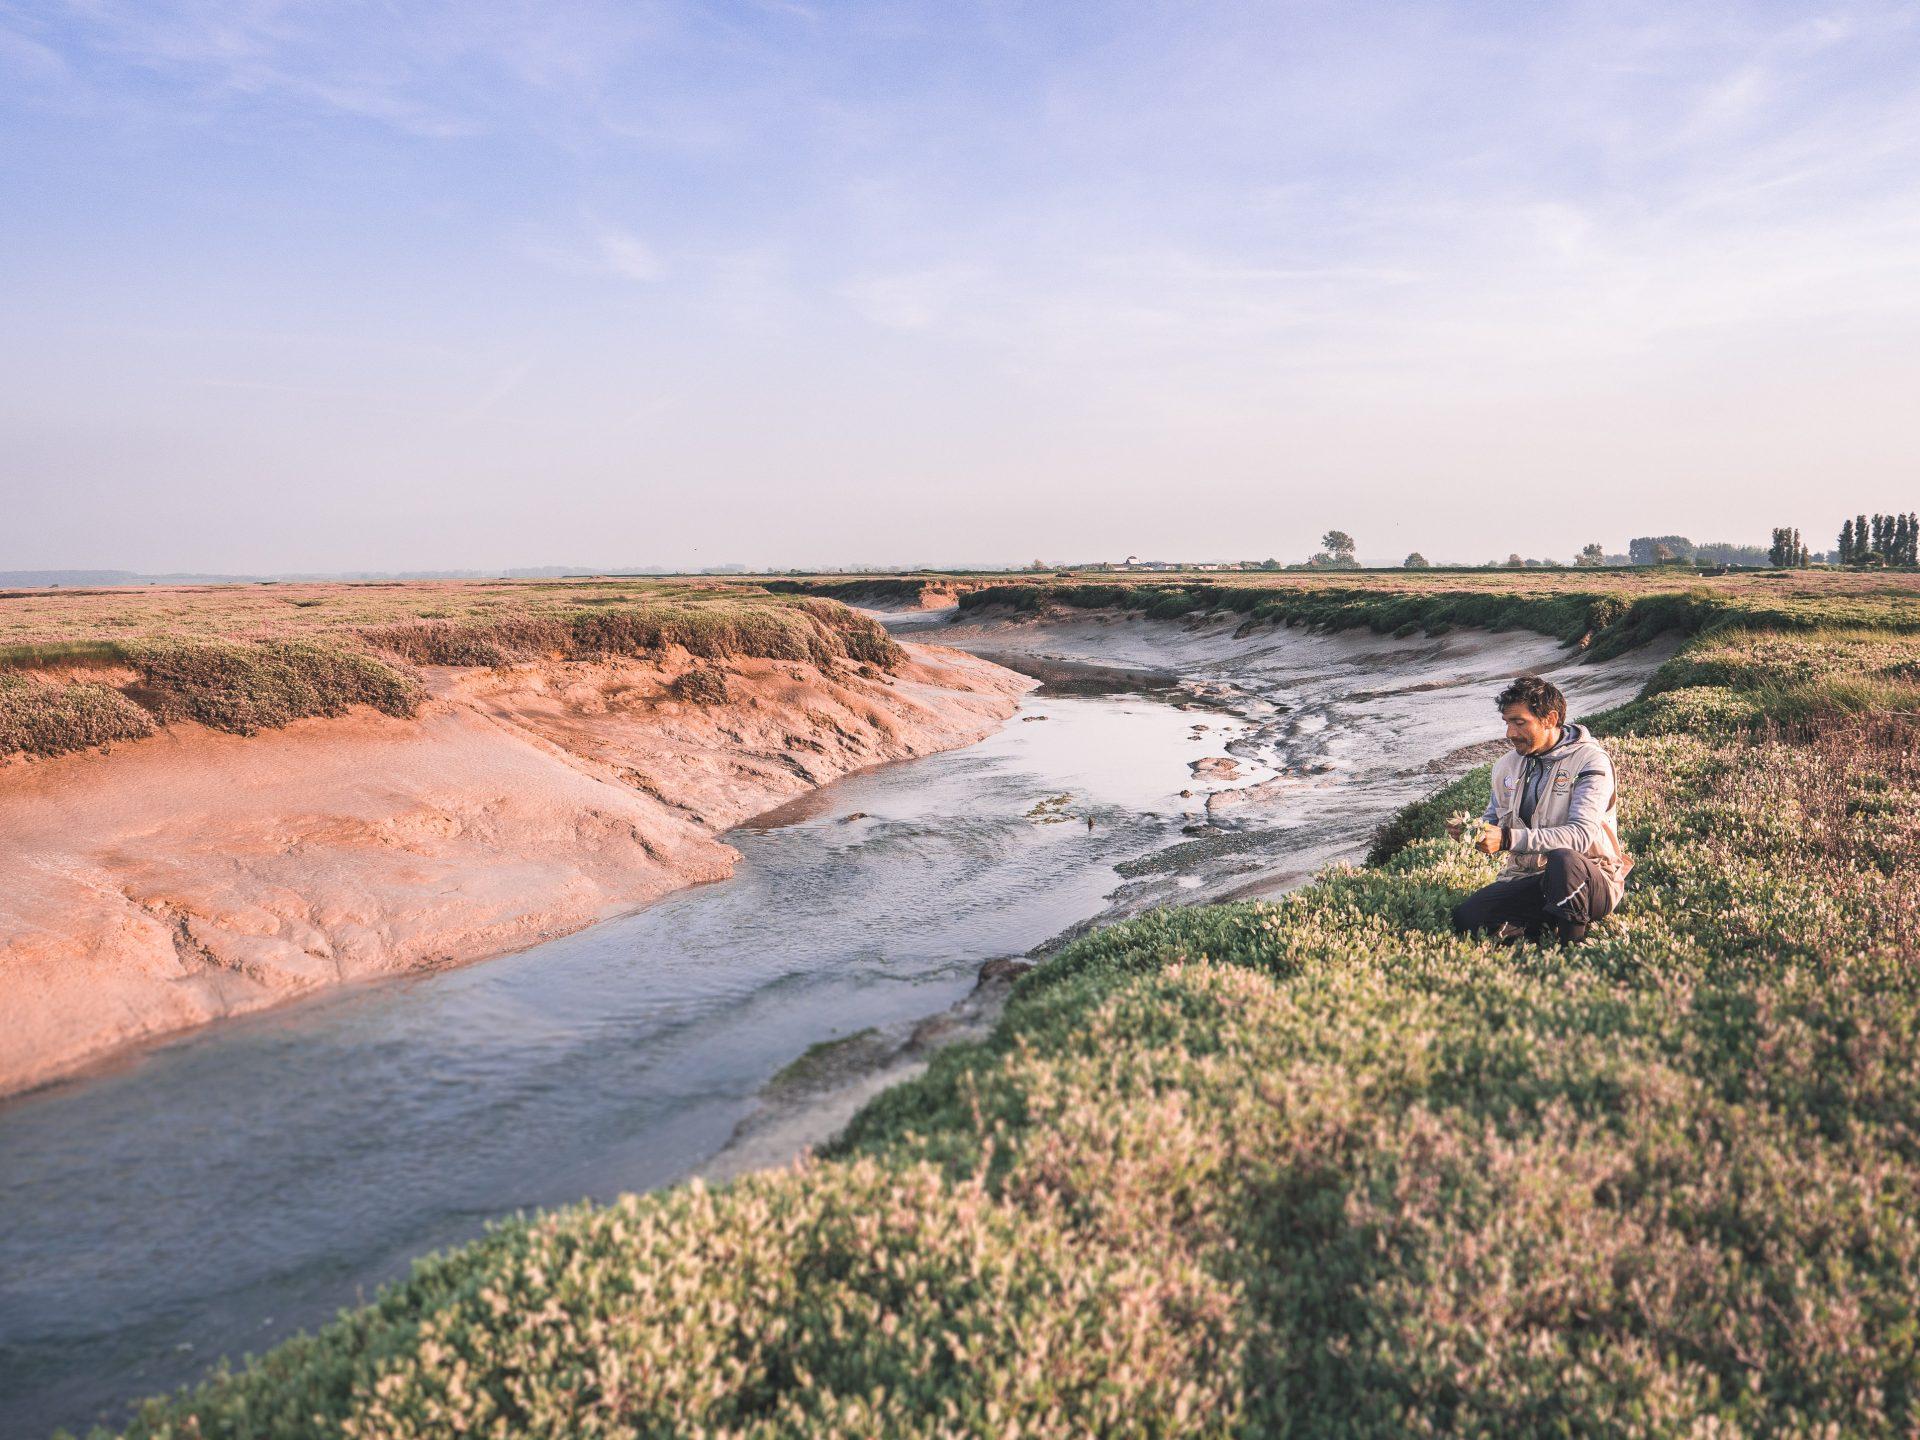 Paysage de la baie de Somme - les prés salés et leur chips de mer